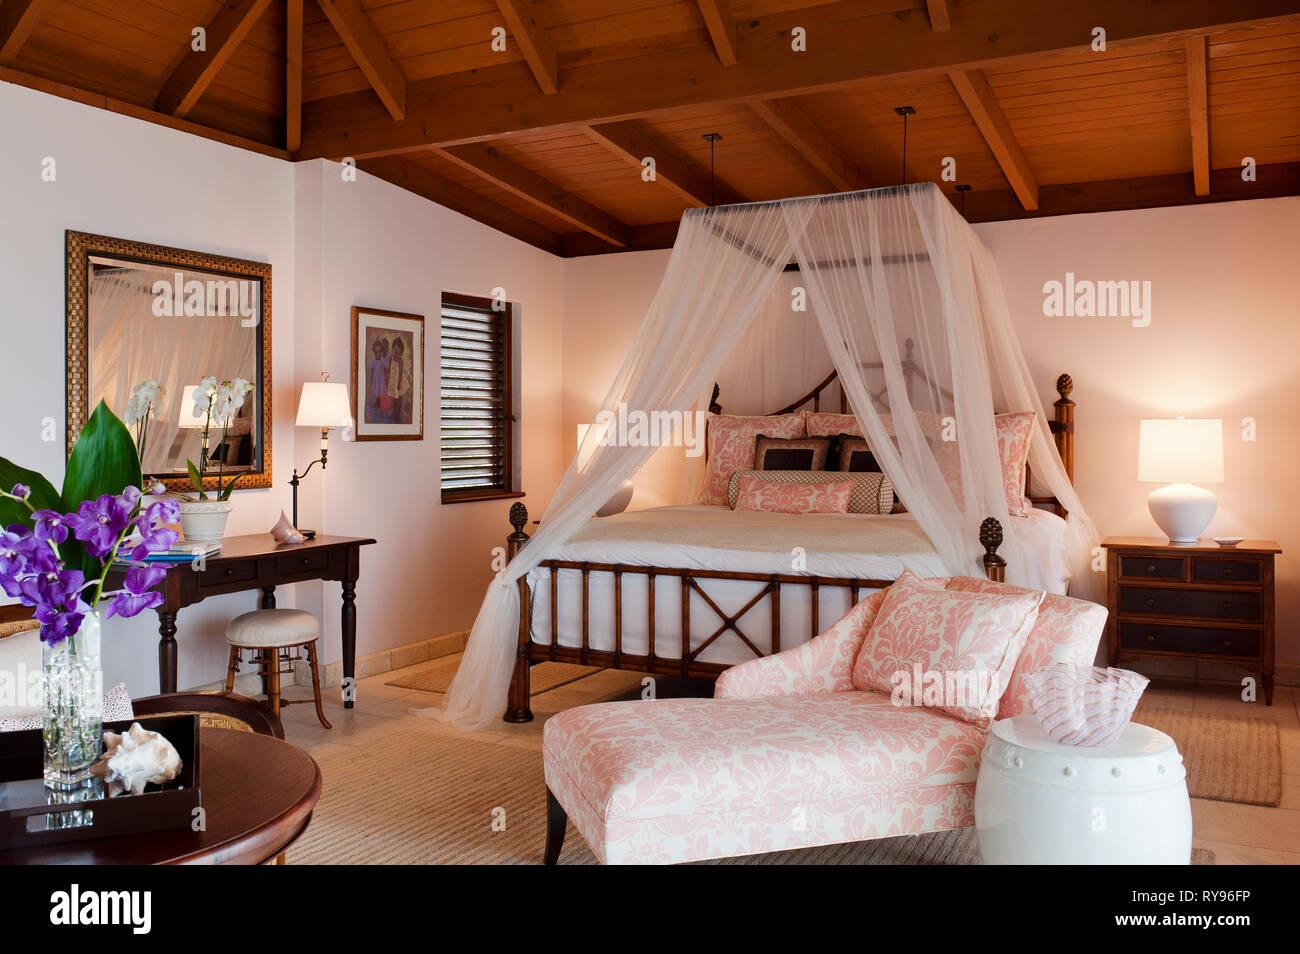 Camere Da Letto Con Letto A Baldacchino : Rustico camera da letto con letto a baldacchino in tamarind cove